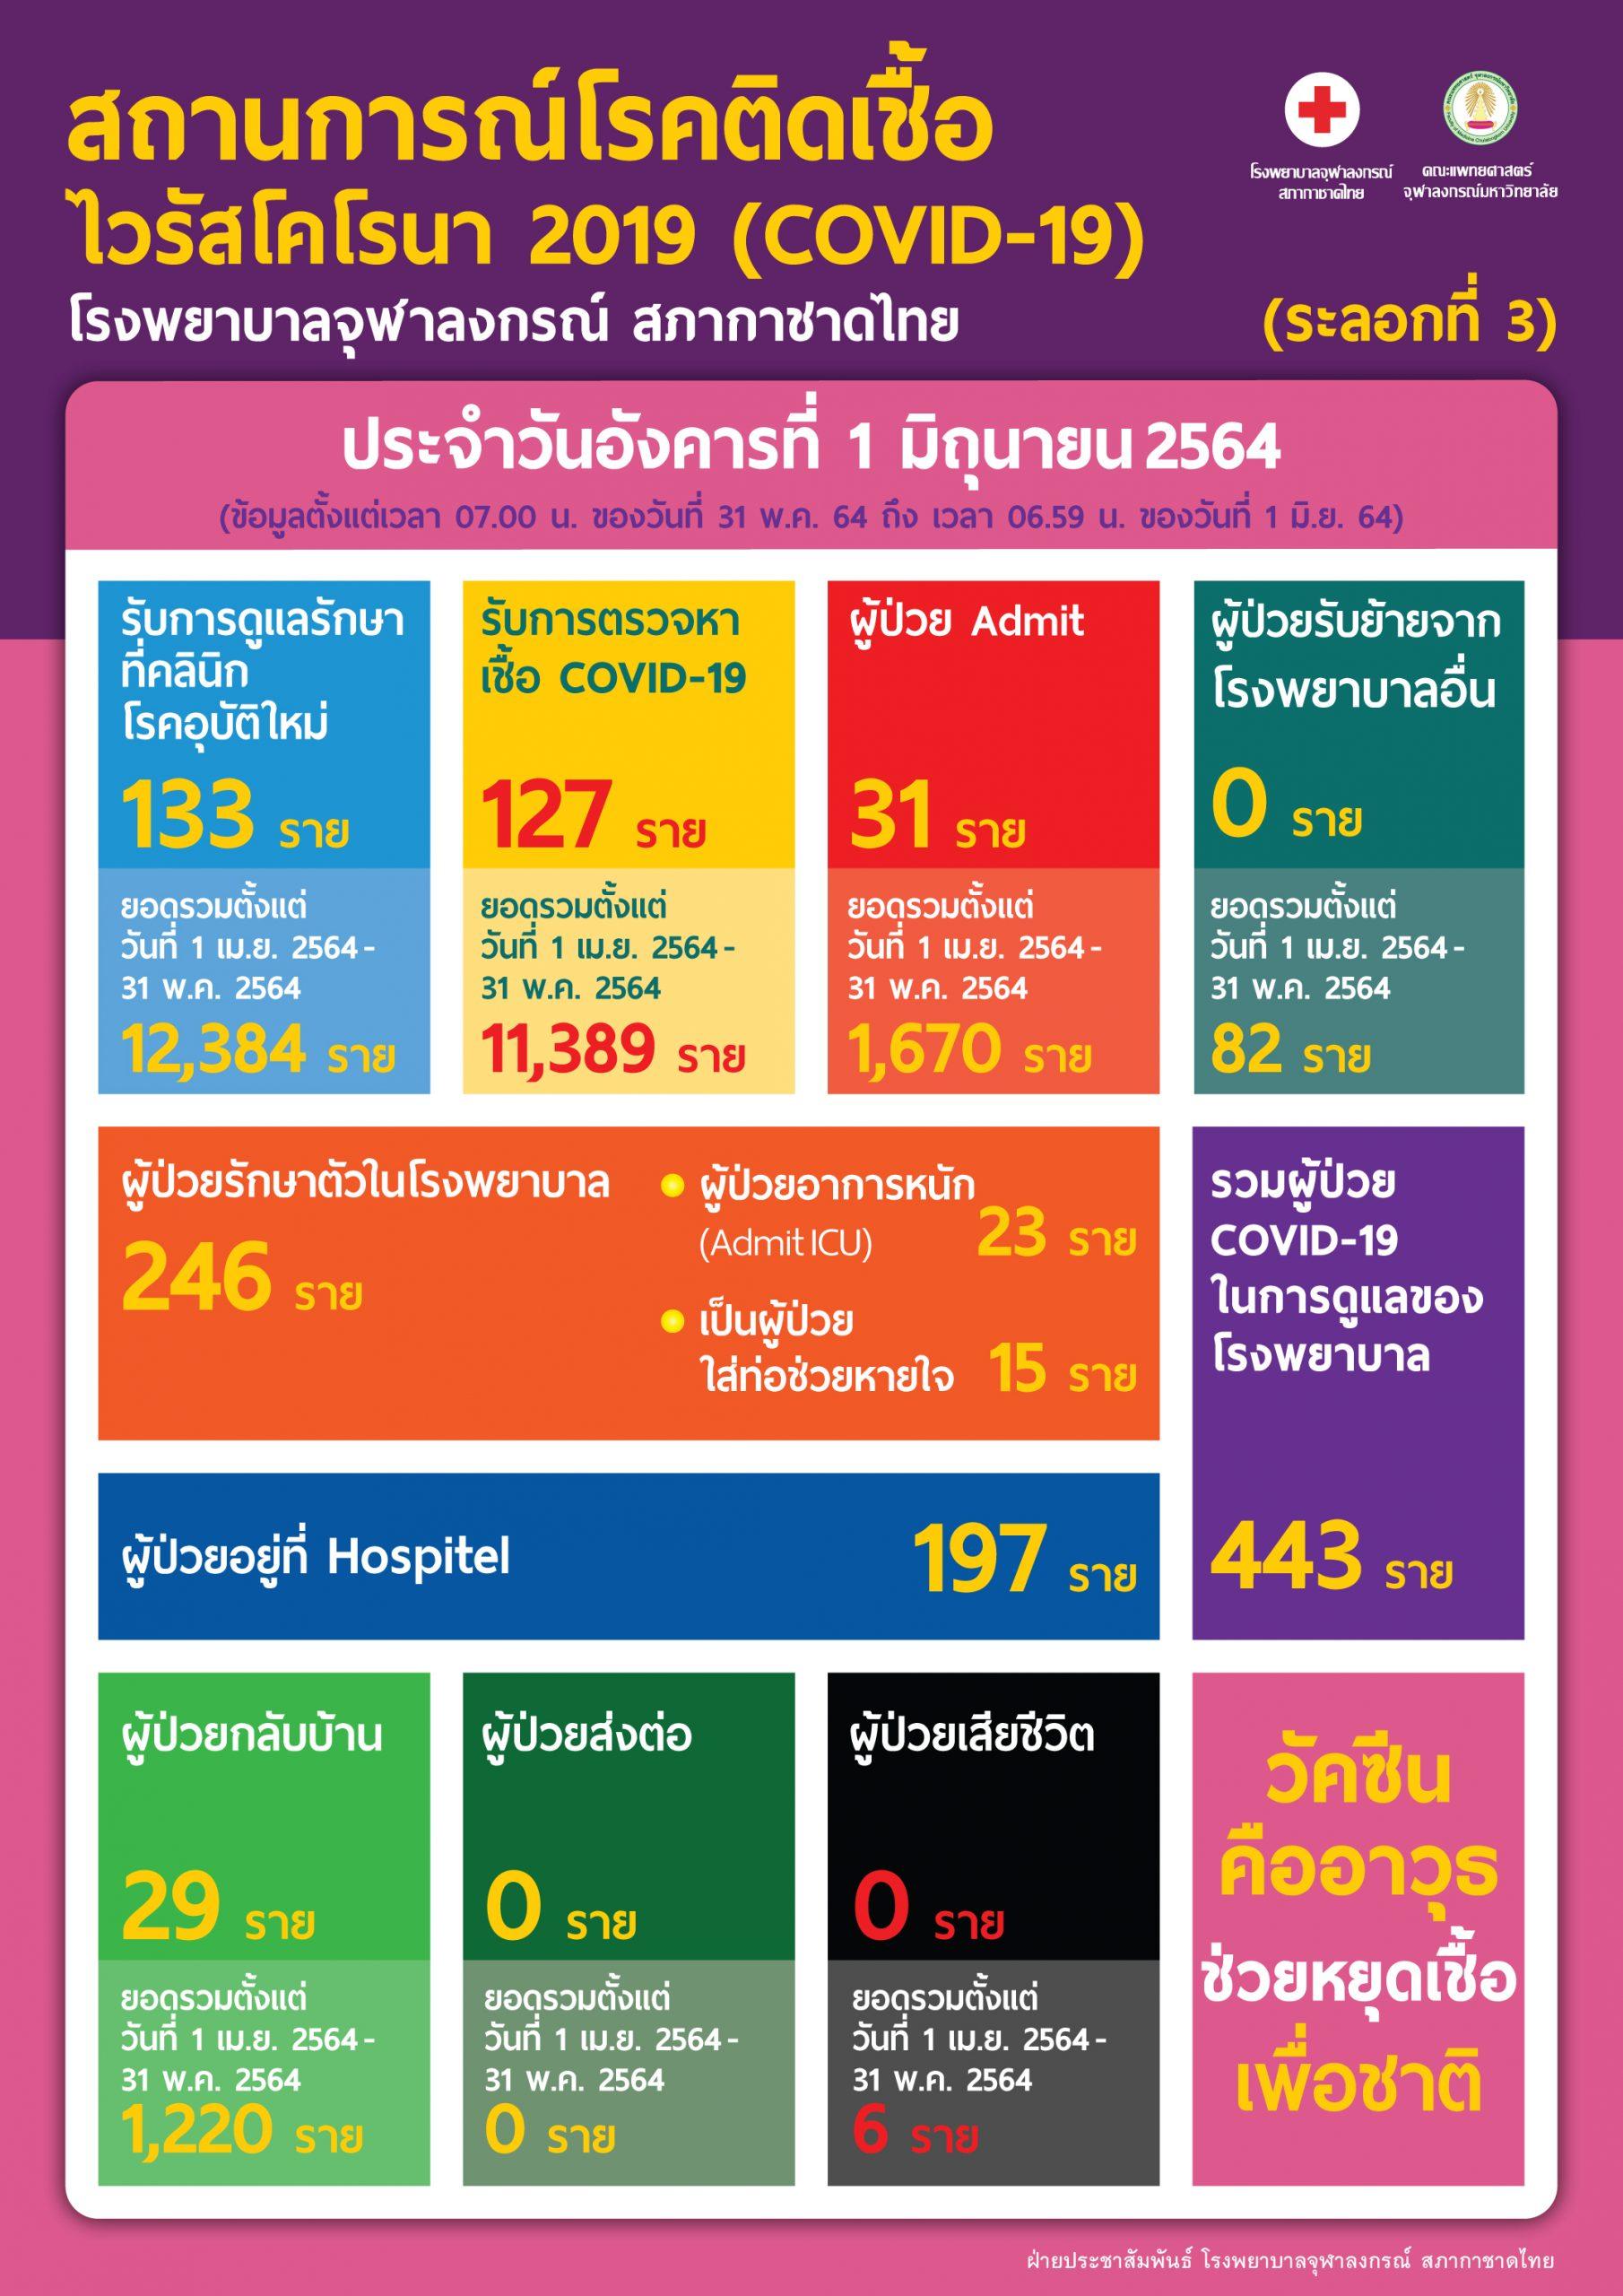 สถานการณ์โรคติดเชื้อ ไวรัสโคโรนา 2019 (COVID-19) (ระลอกที่ 3) โรงพยาบาลจุฬลงกรณ์ สภากาชาดไทย  ประจำวันอังคารที่ 1 มิถุนายน 2564